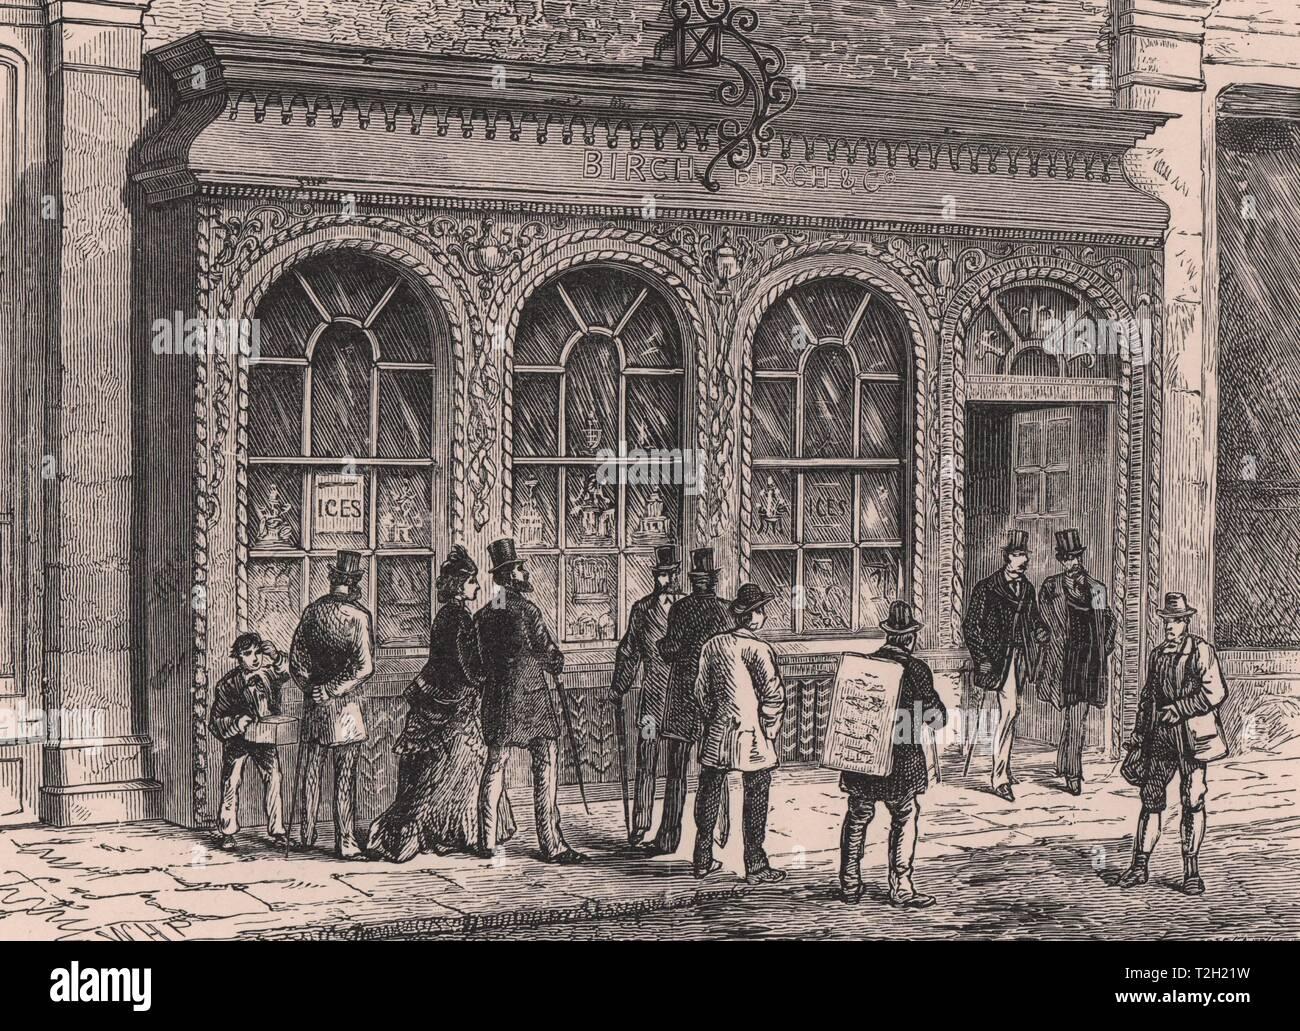 Confectioner's Shop, Cornhill - Stock Image